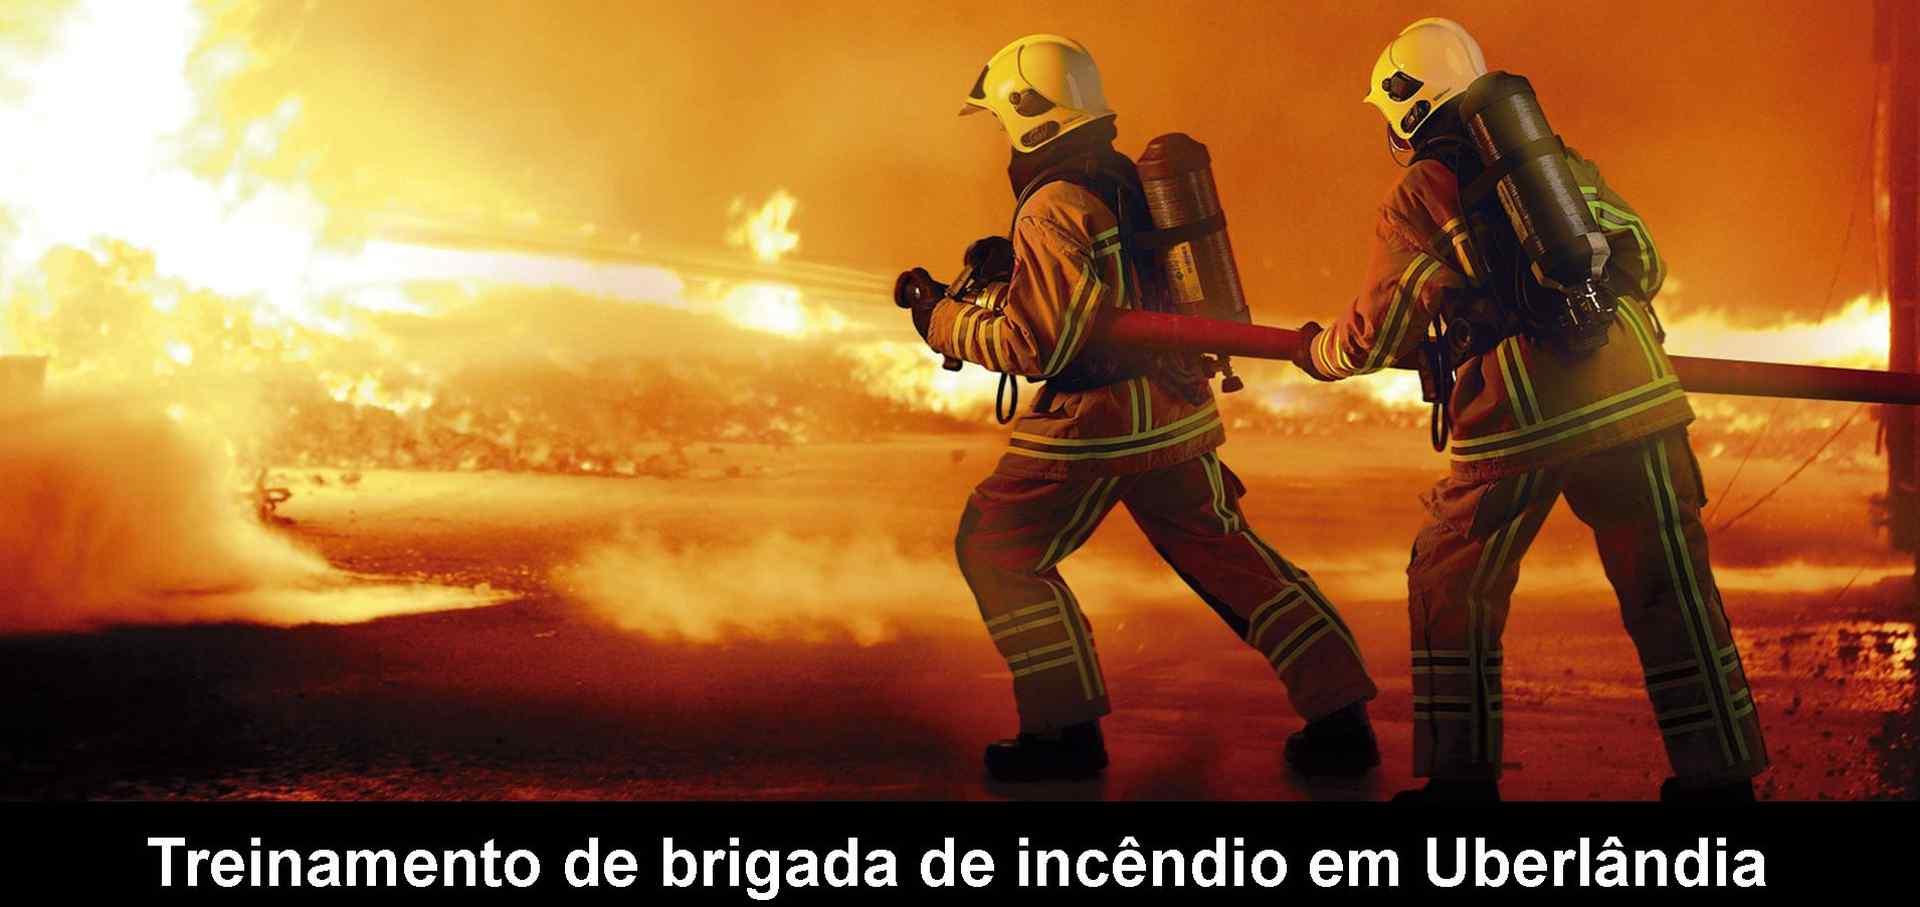 Brigada de incêndio em Uberlândia